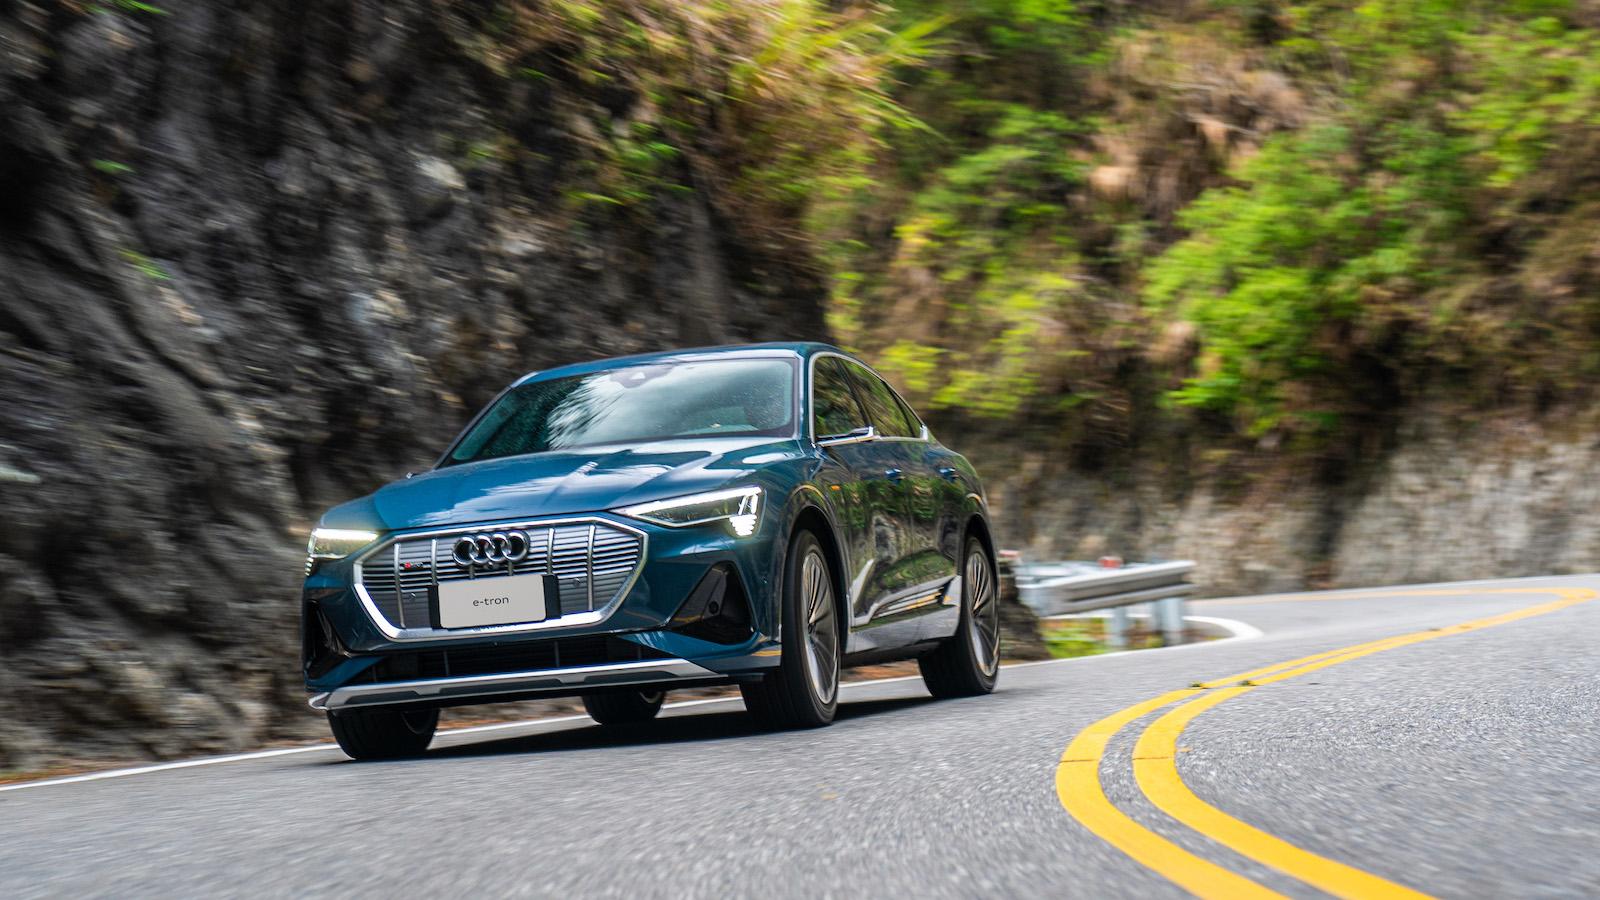 【影】Audi e-tron 橫跨中橫公路 台中花蓮翻山越嶺不充電